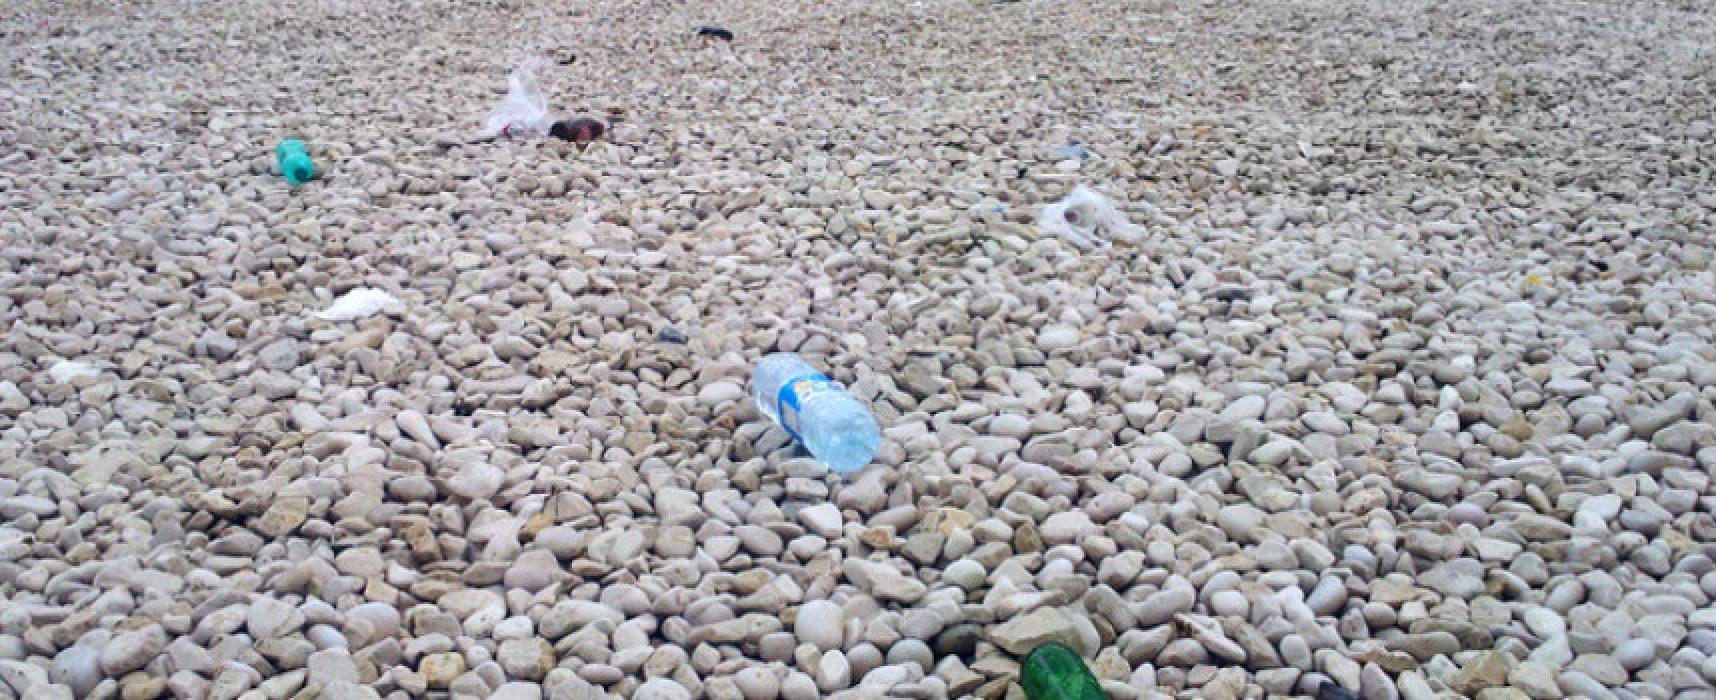 Multe di 500 euro per chi abbandona rifiuti in spiaggia